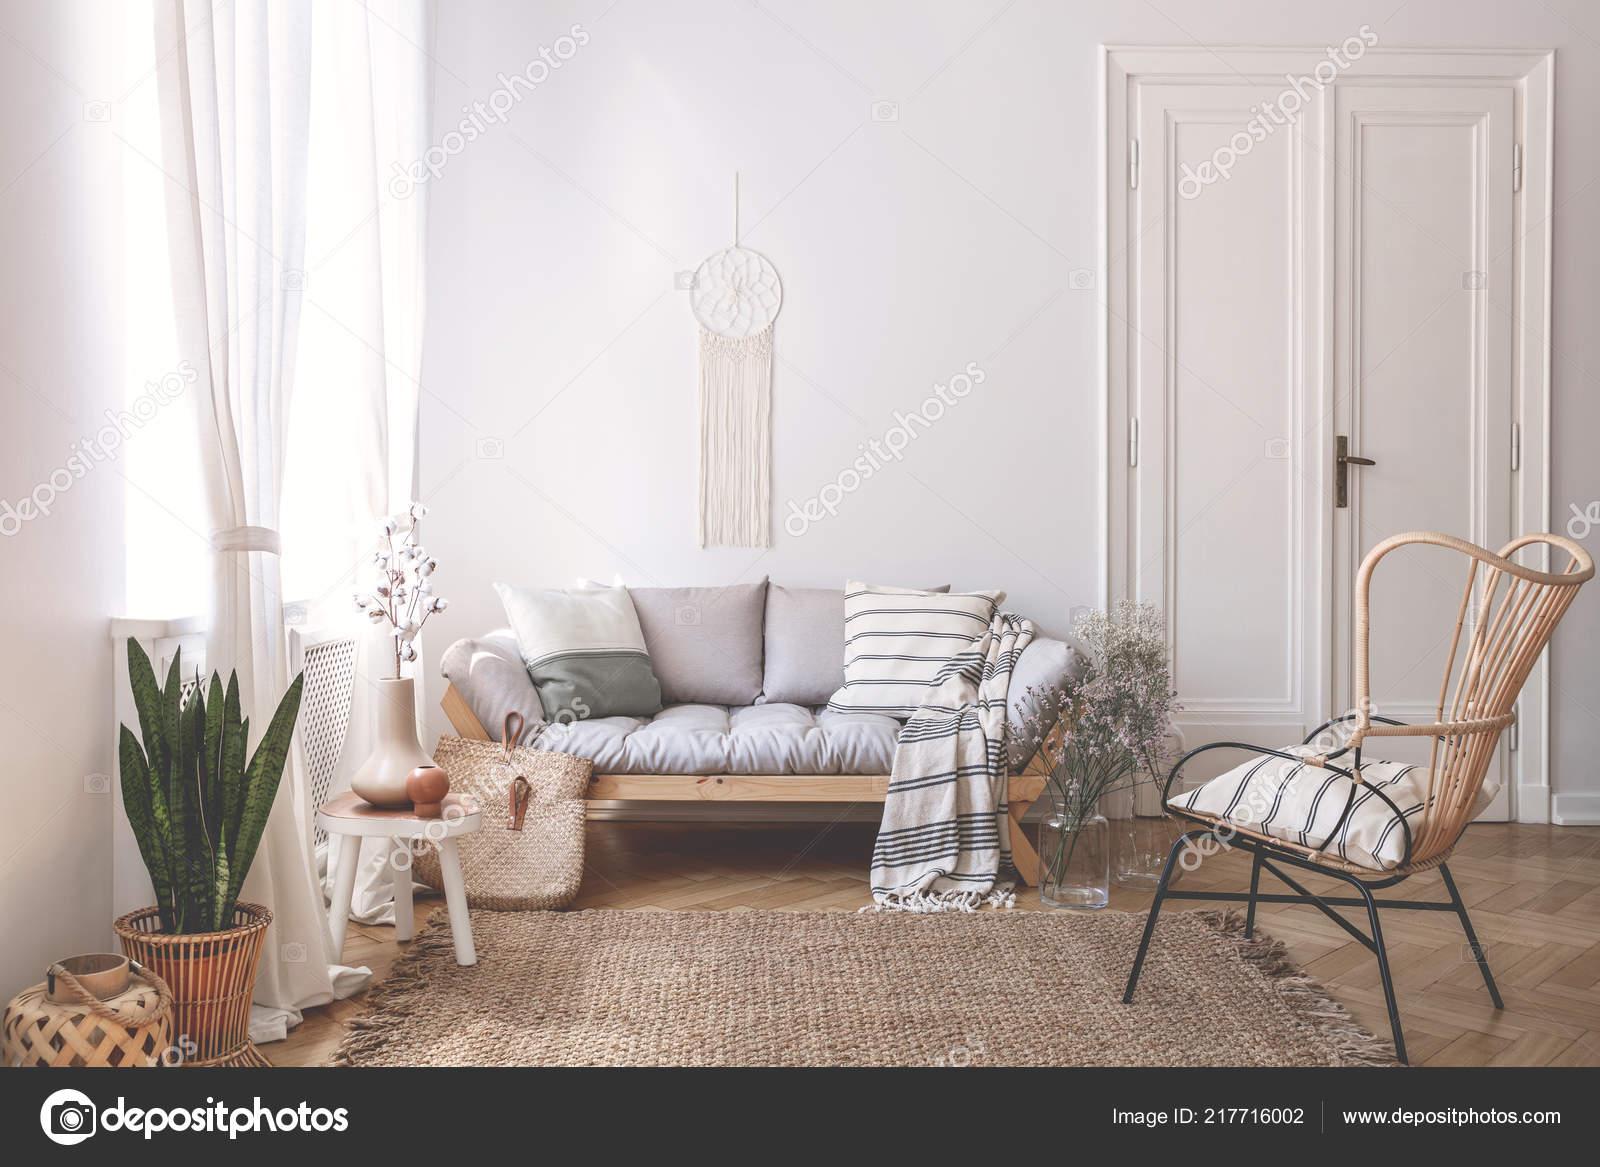 Divano In Lino Bianco : Divano legno con cuscini salotto bianco interno con pianta poltrona